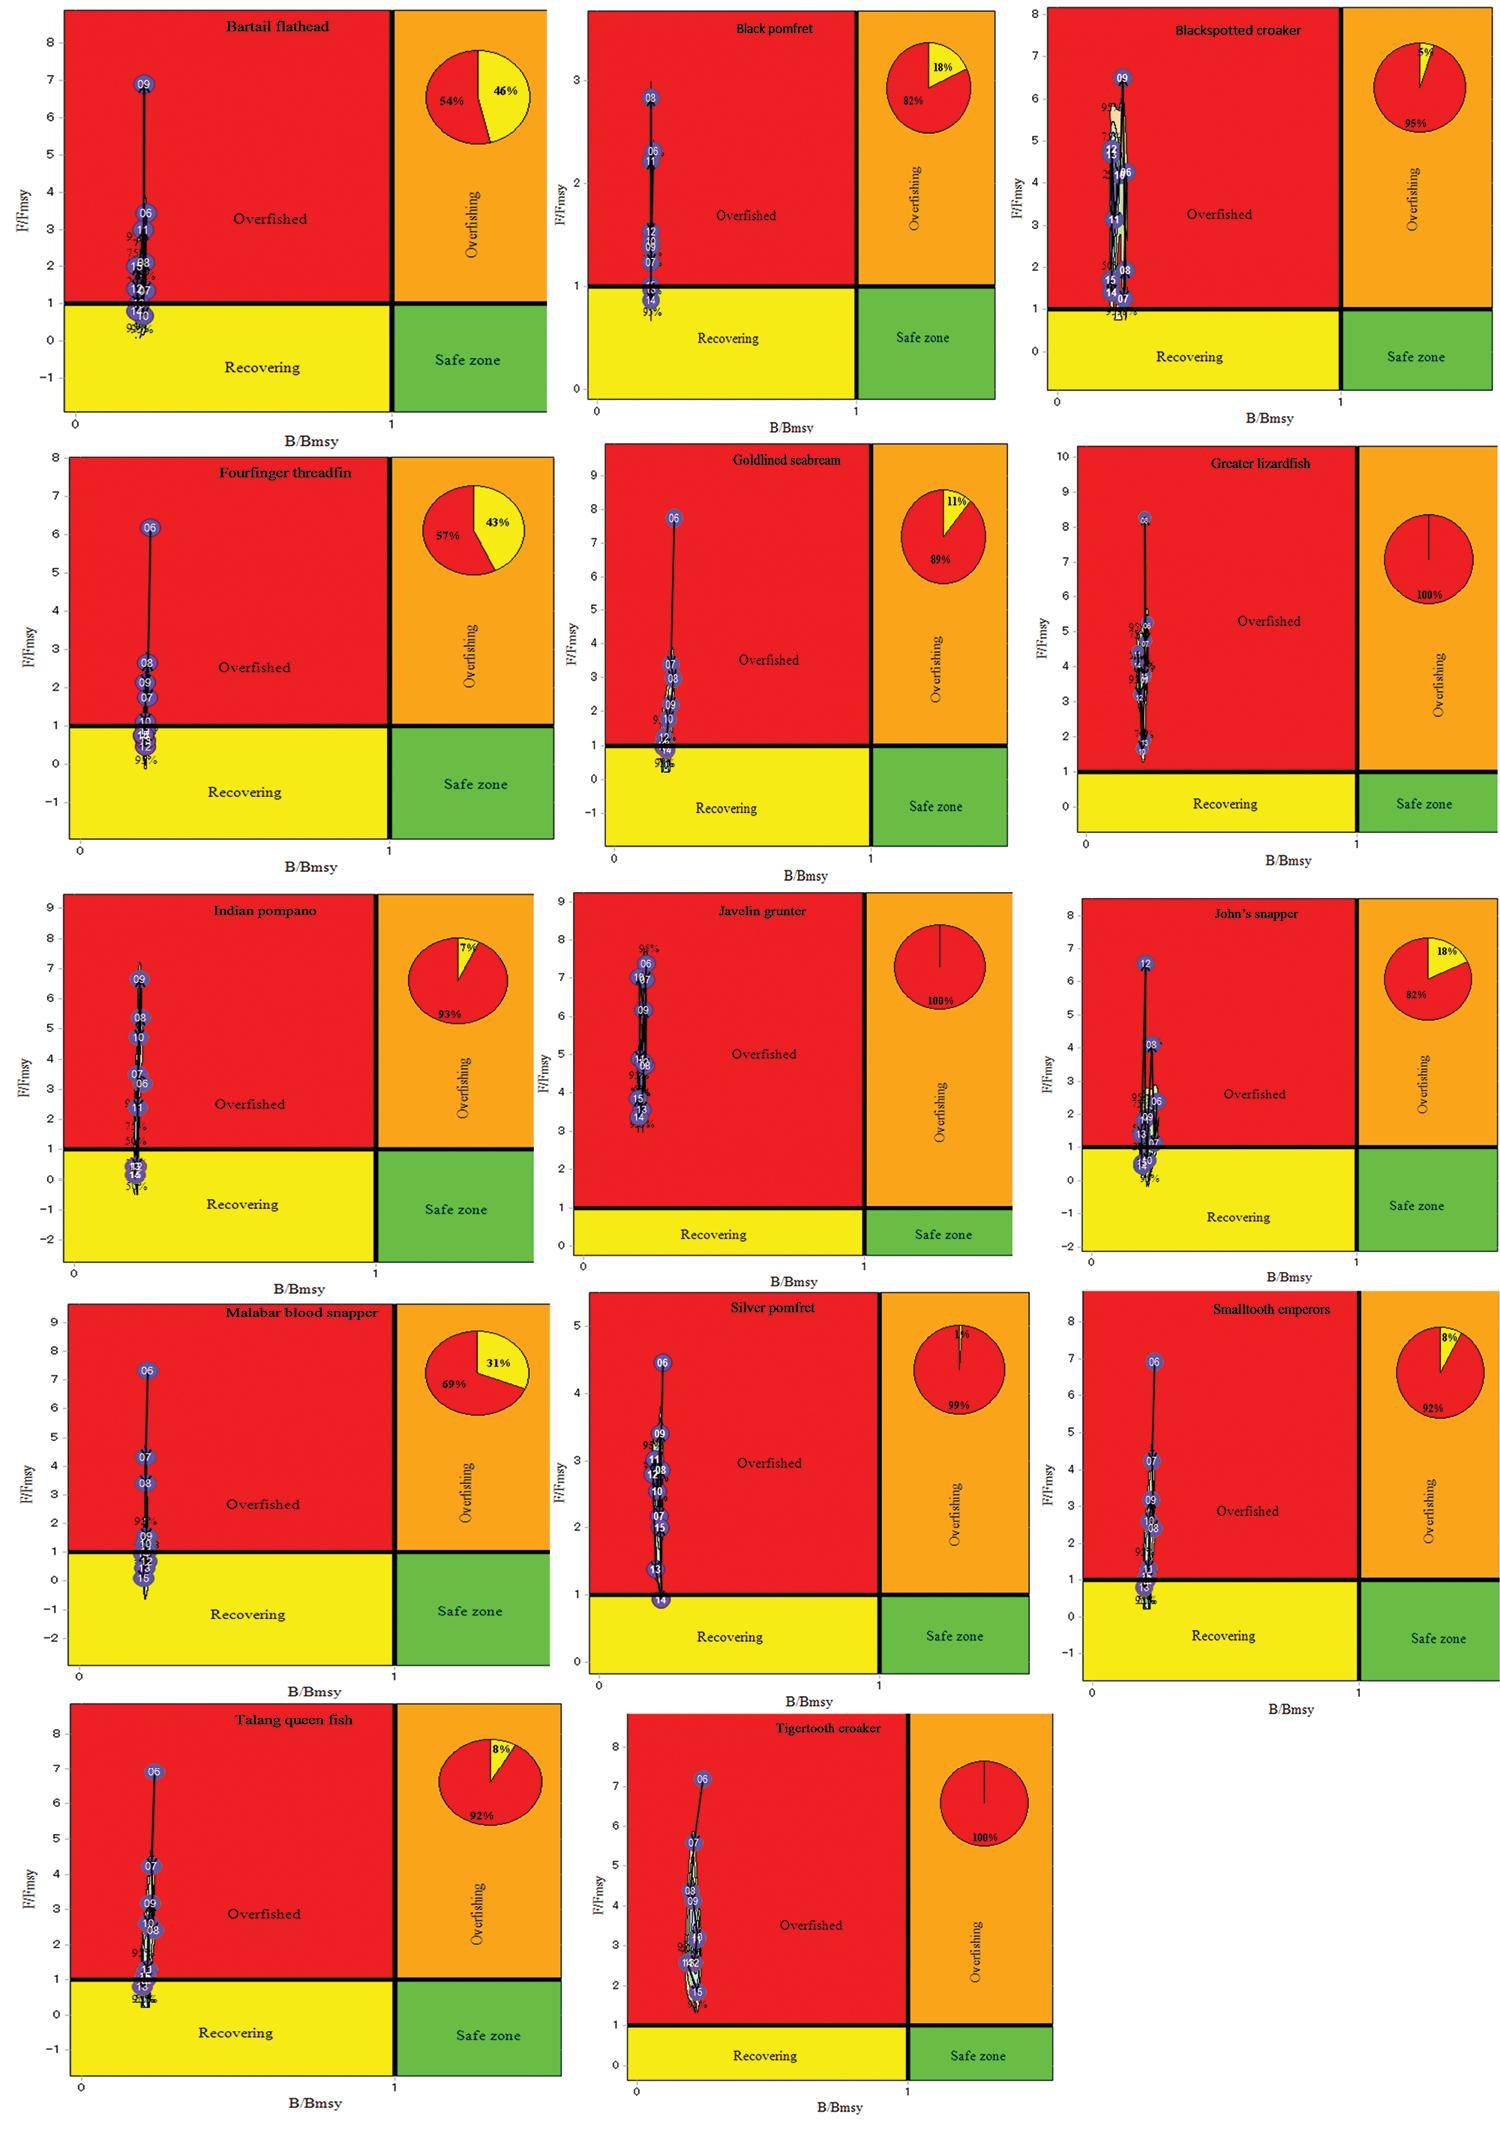 Applying bayesian population assessment models to artisanal